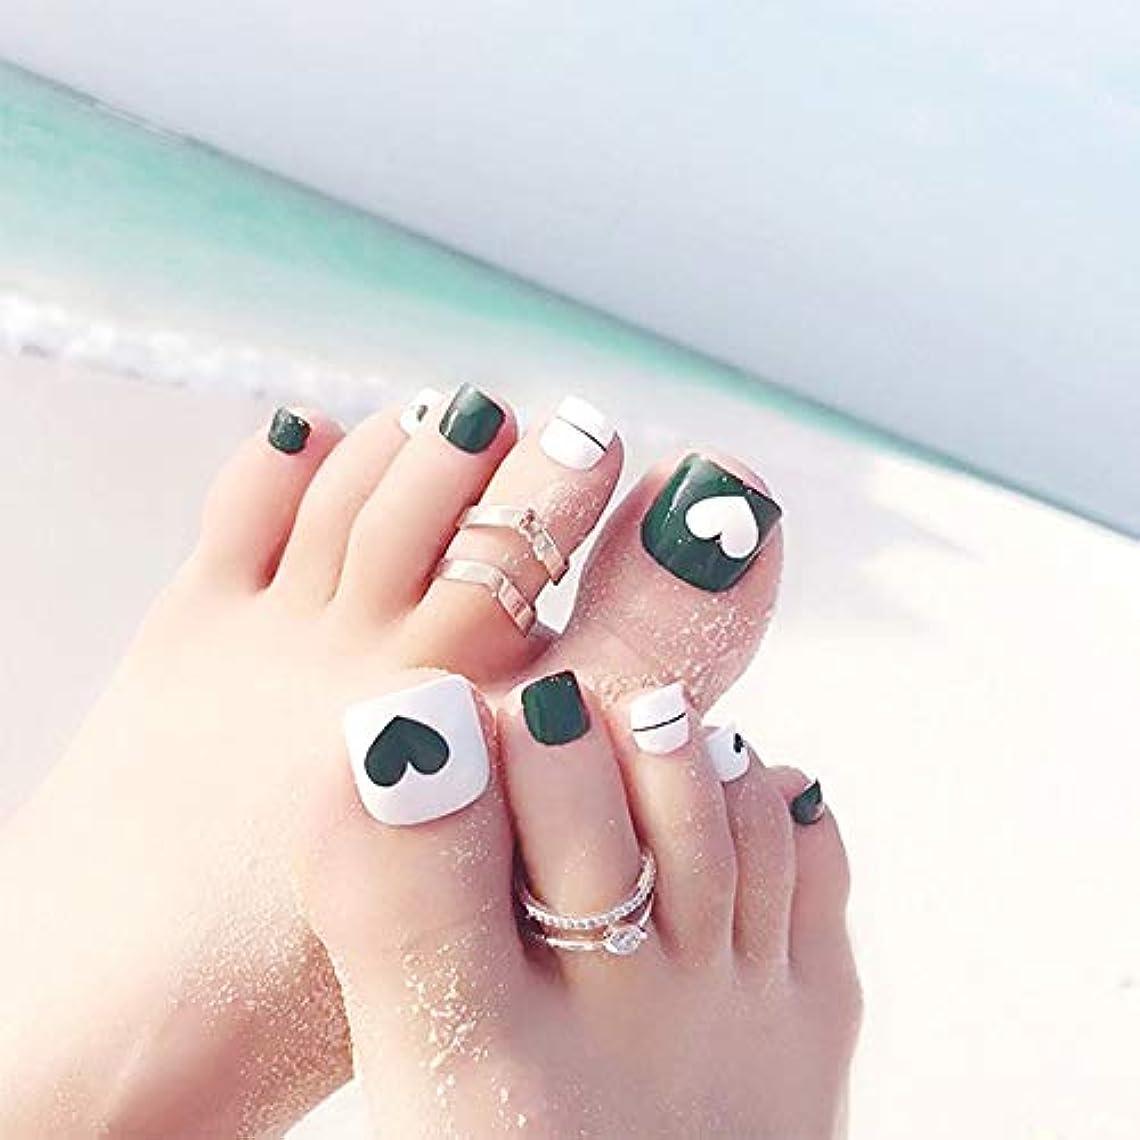 肯定的危険にさらされている珍しいXUTXZKA 緑色のネイルアートのヒントホリデービーチフットフェイクネイルハート型のパターントレンディなつま先の爪